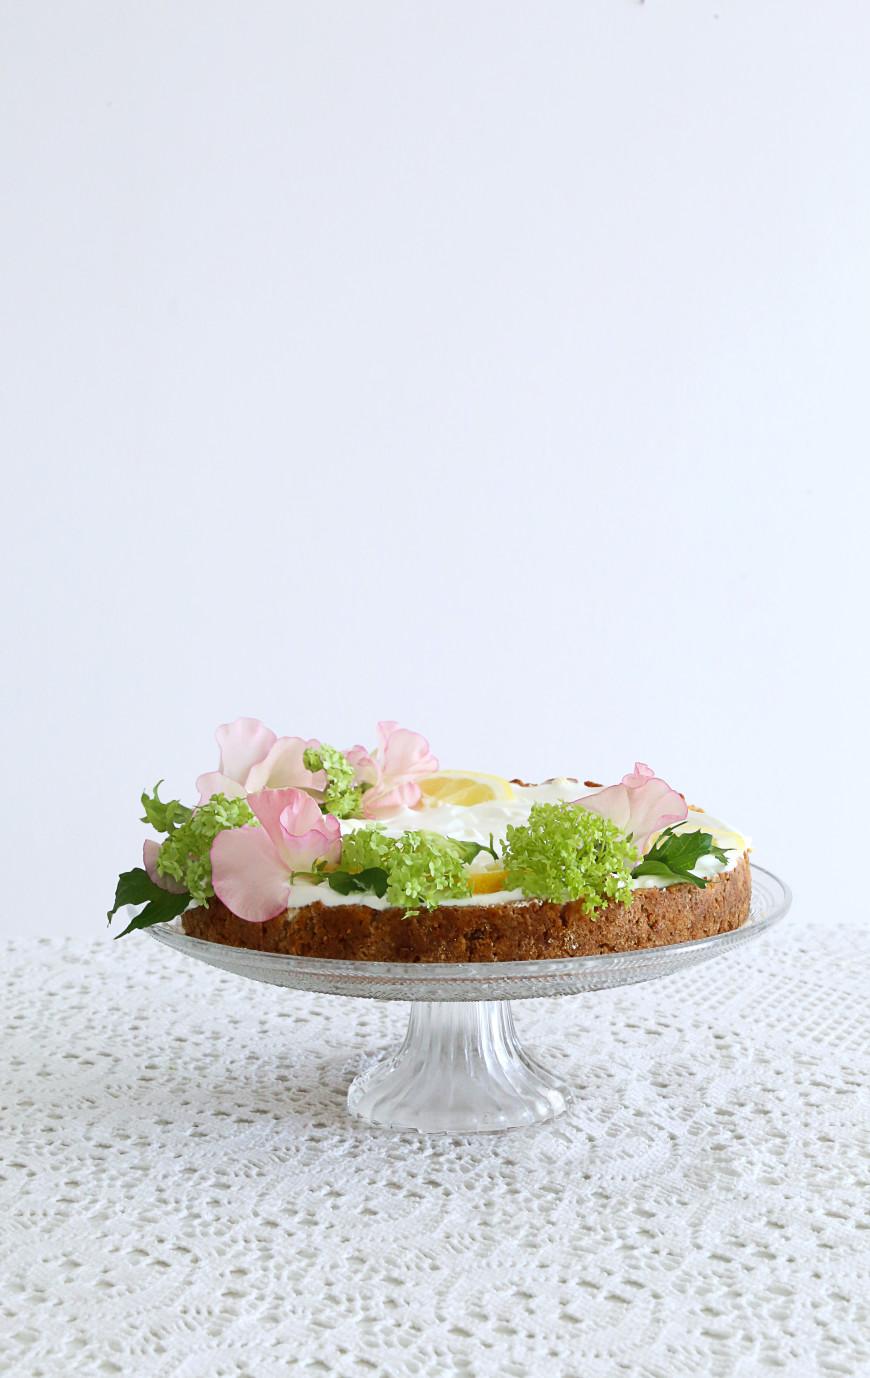 2-gateau-decore-fleurs-fruits-table-paques-mademoiselle-claudine-`